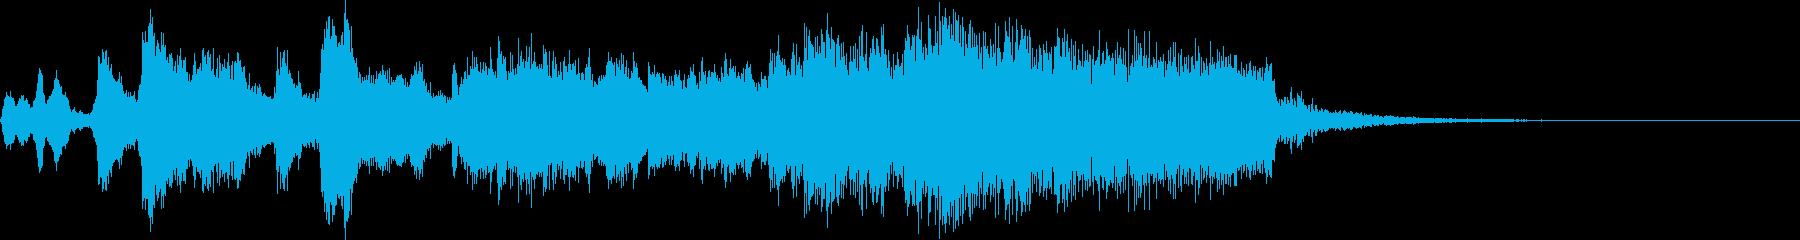 ファンファーレ 迫力オーケストラ風の再生済みの波形